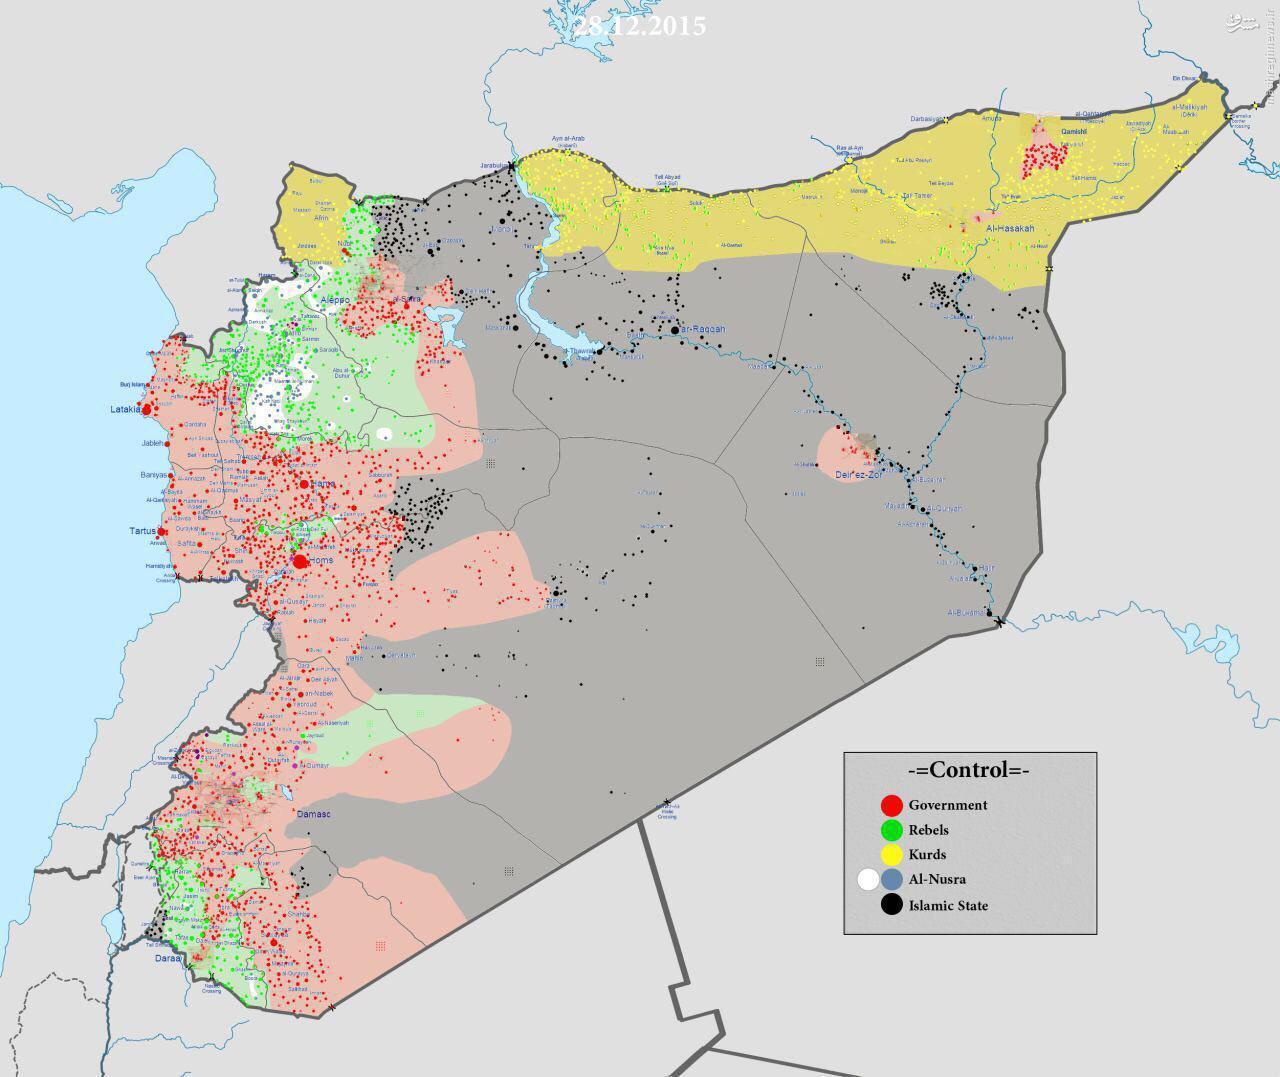 نقشه کامل تحولات میدانی سوریه/ نگاه کلی به اوضاع سه جبهه عملیاتی و اهمیت آزادسازی هر کدام از مناطق/اولین پیروزی ارتش سوریه در قنیطره +فیلم و عکس